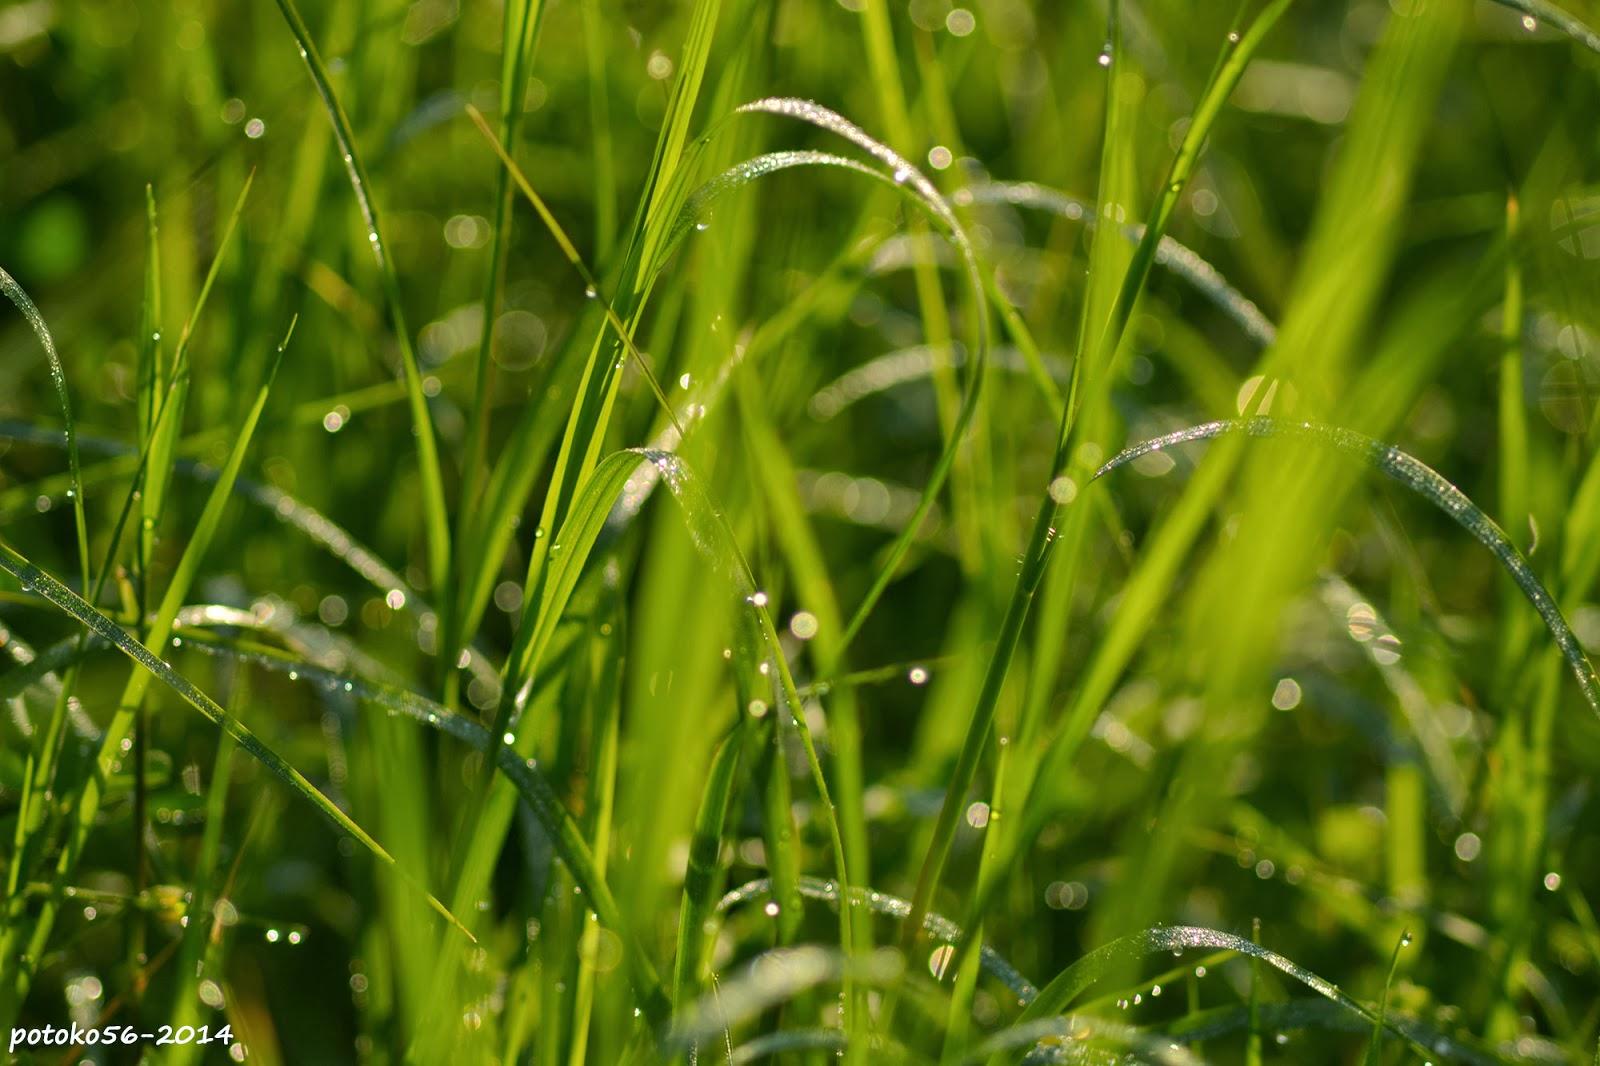 lluvia fina sobre el cesped